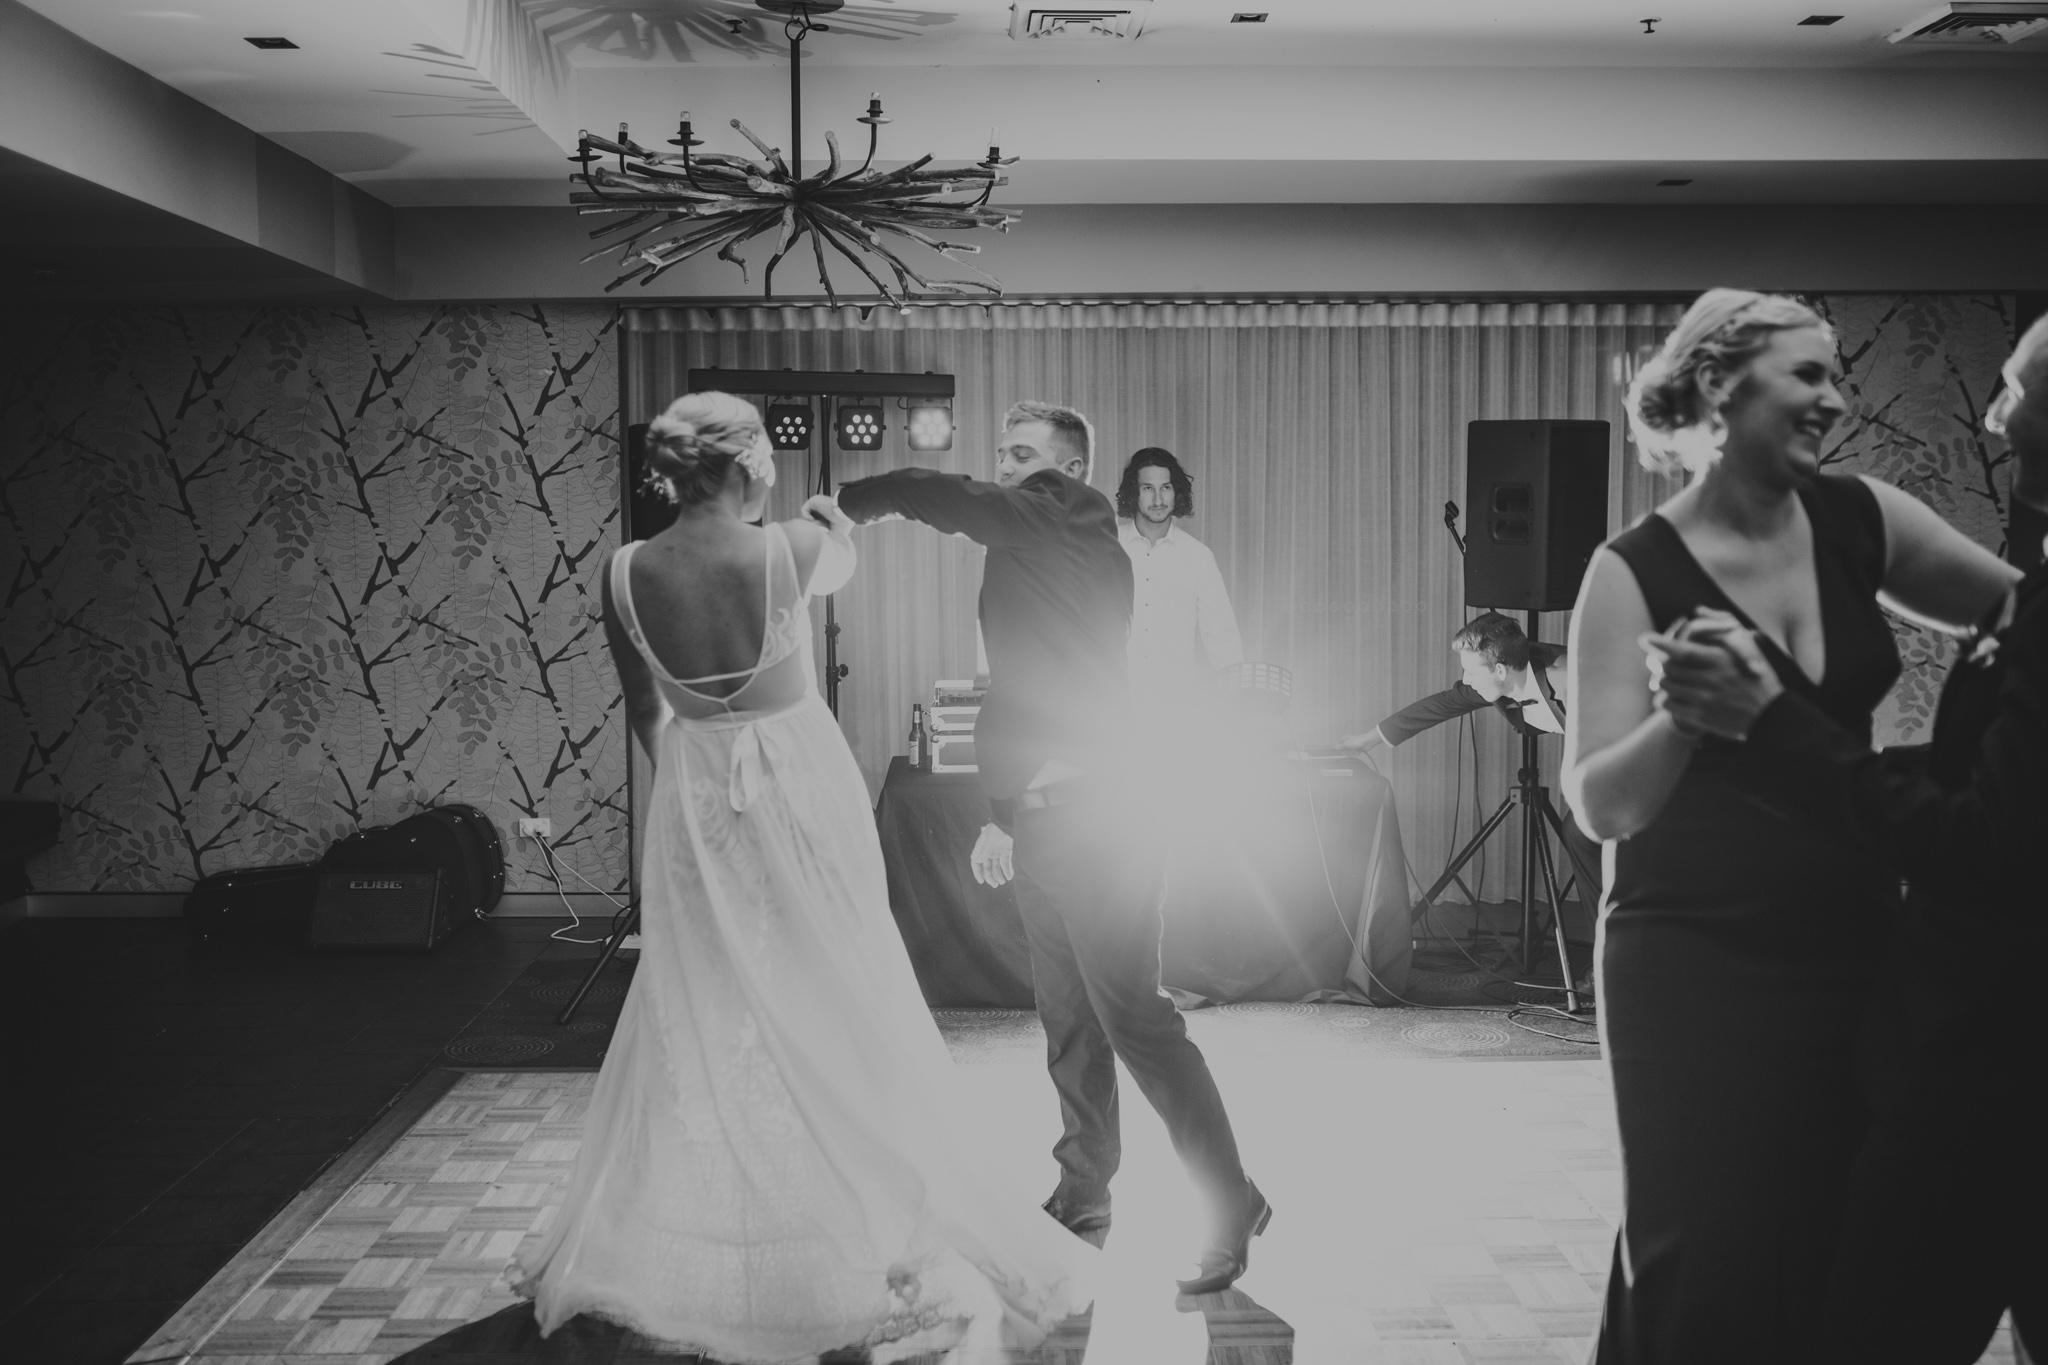 Lucy+Kyle+Kiama+Sebel+wedding-137.jpg